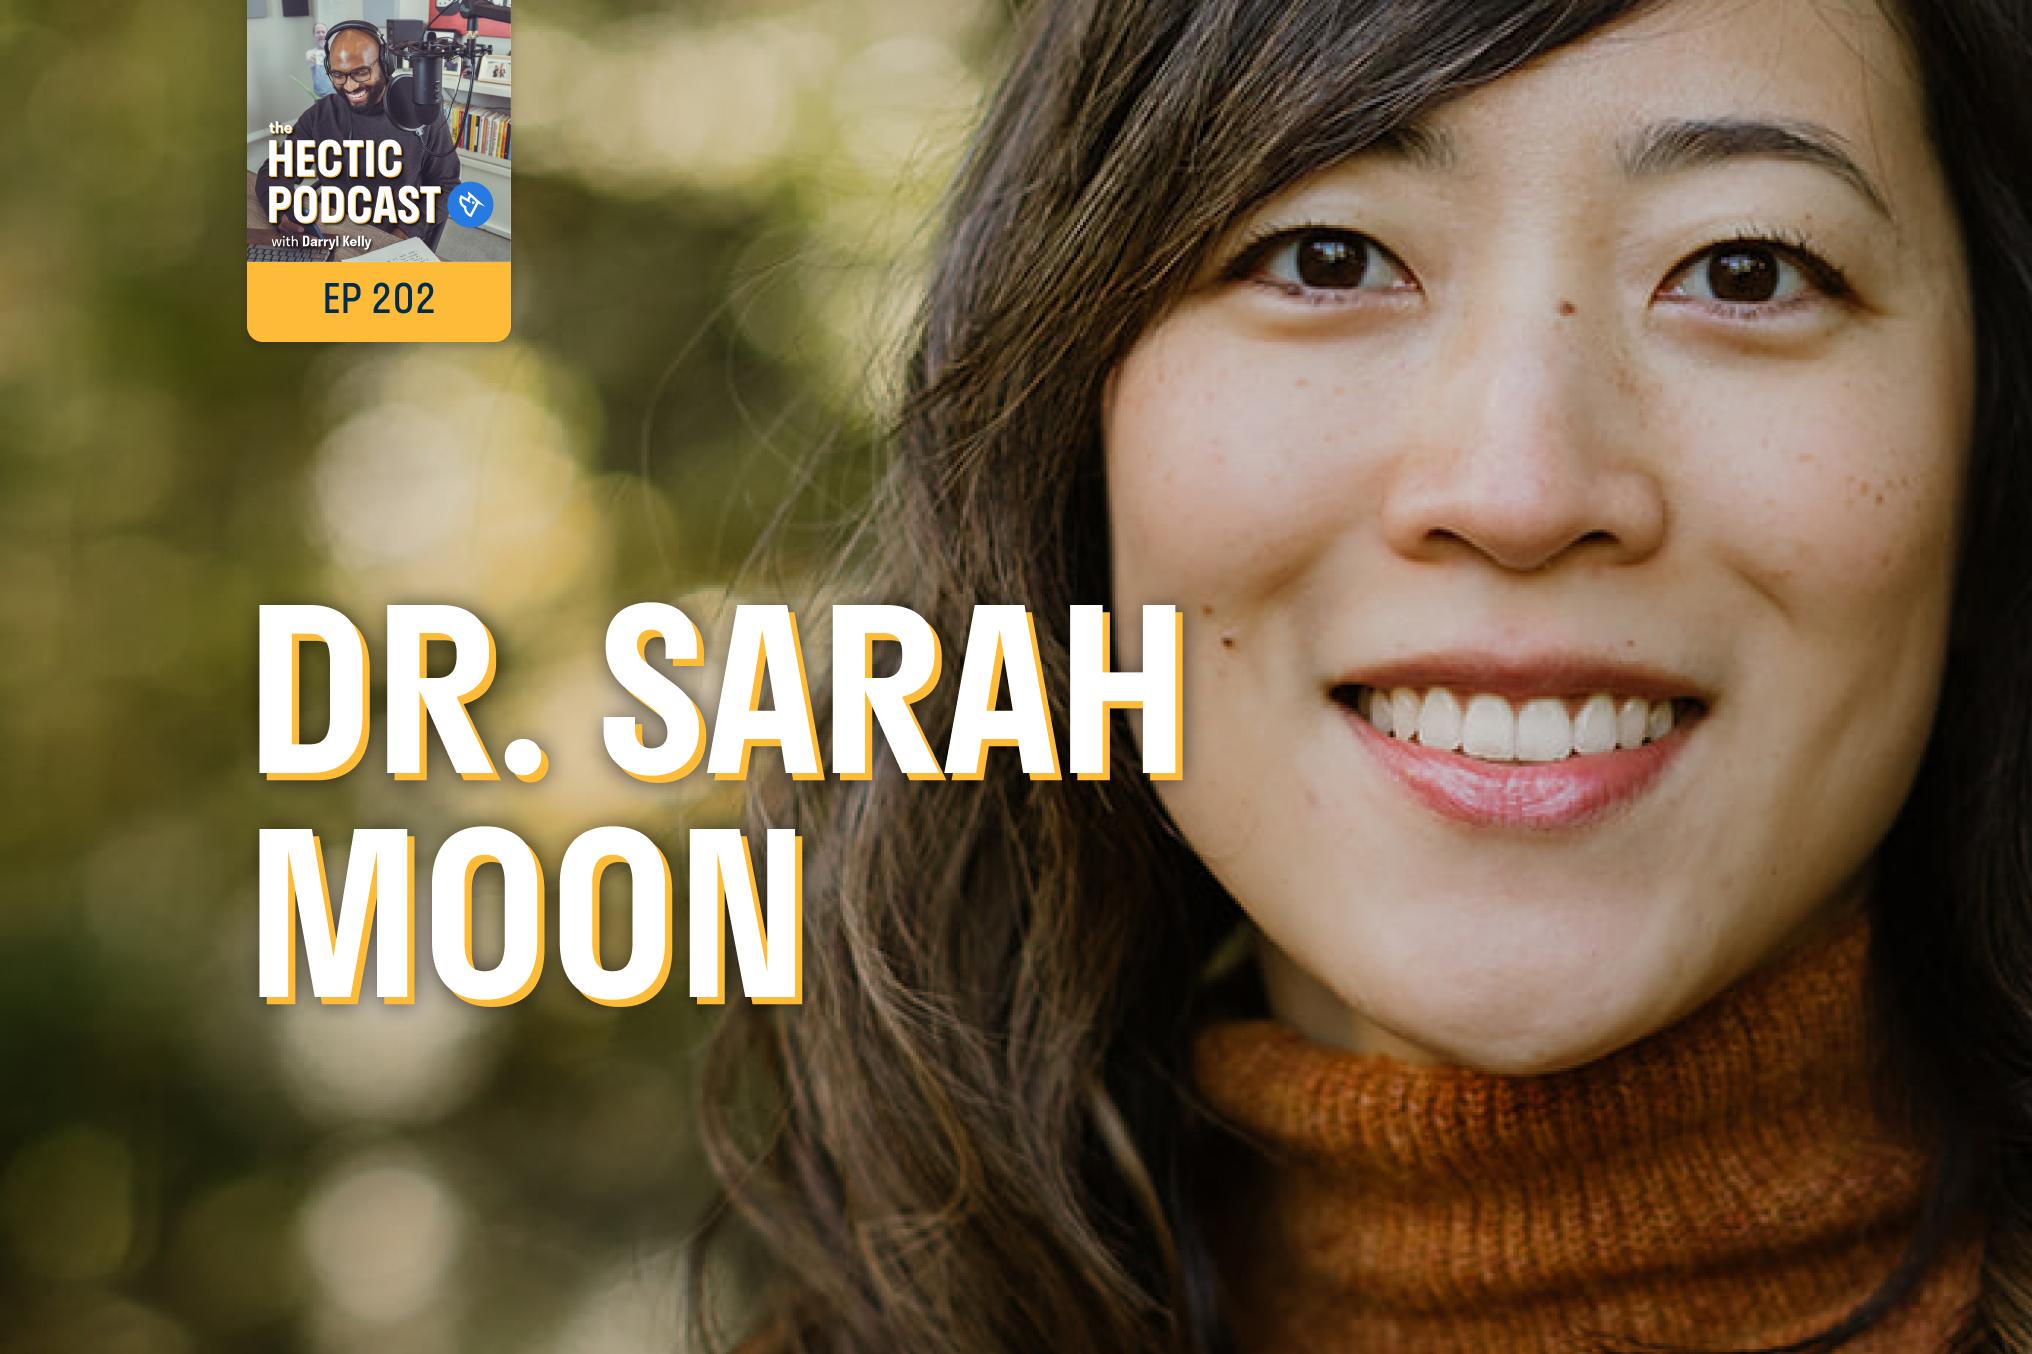 Dr. Sarah Moon